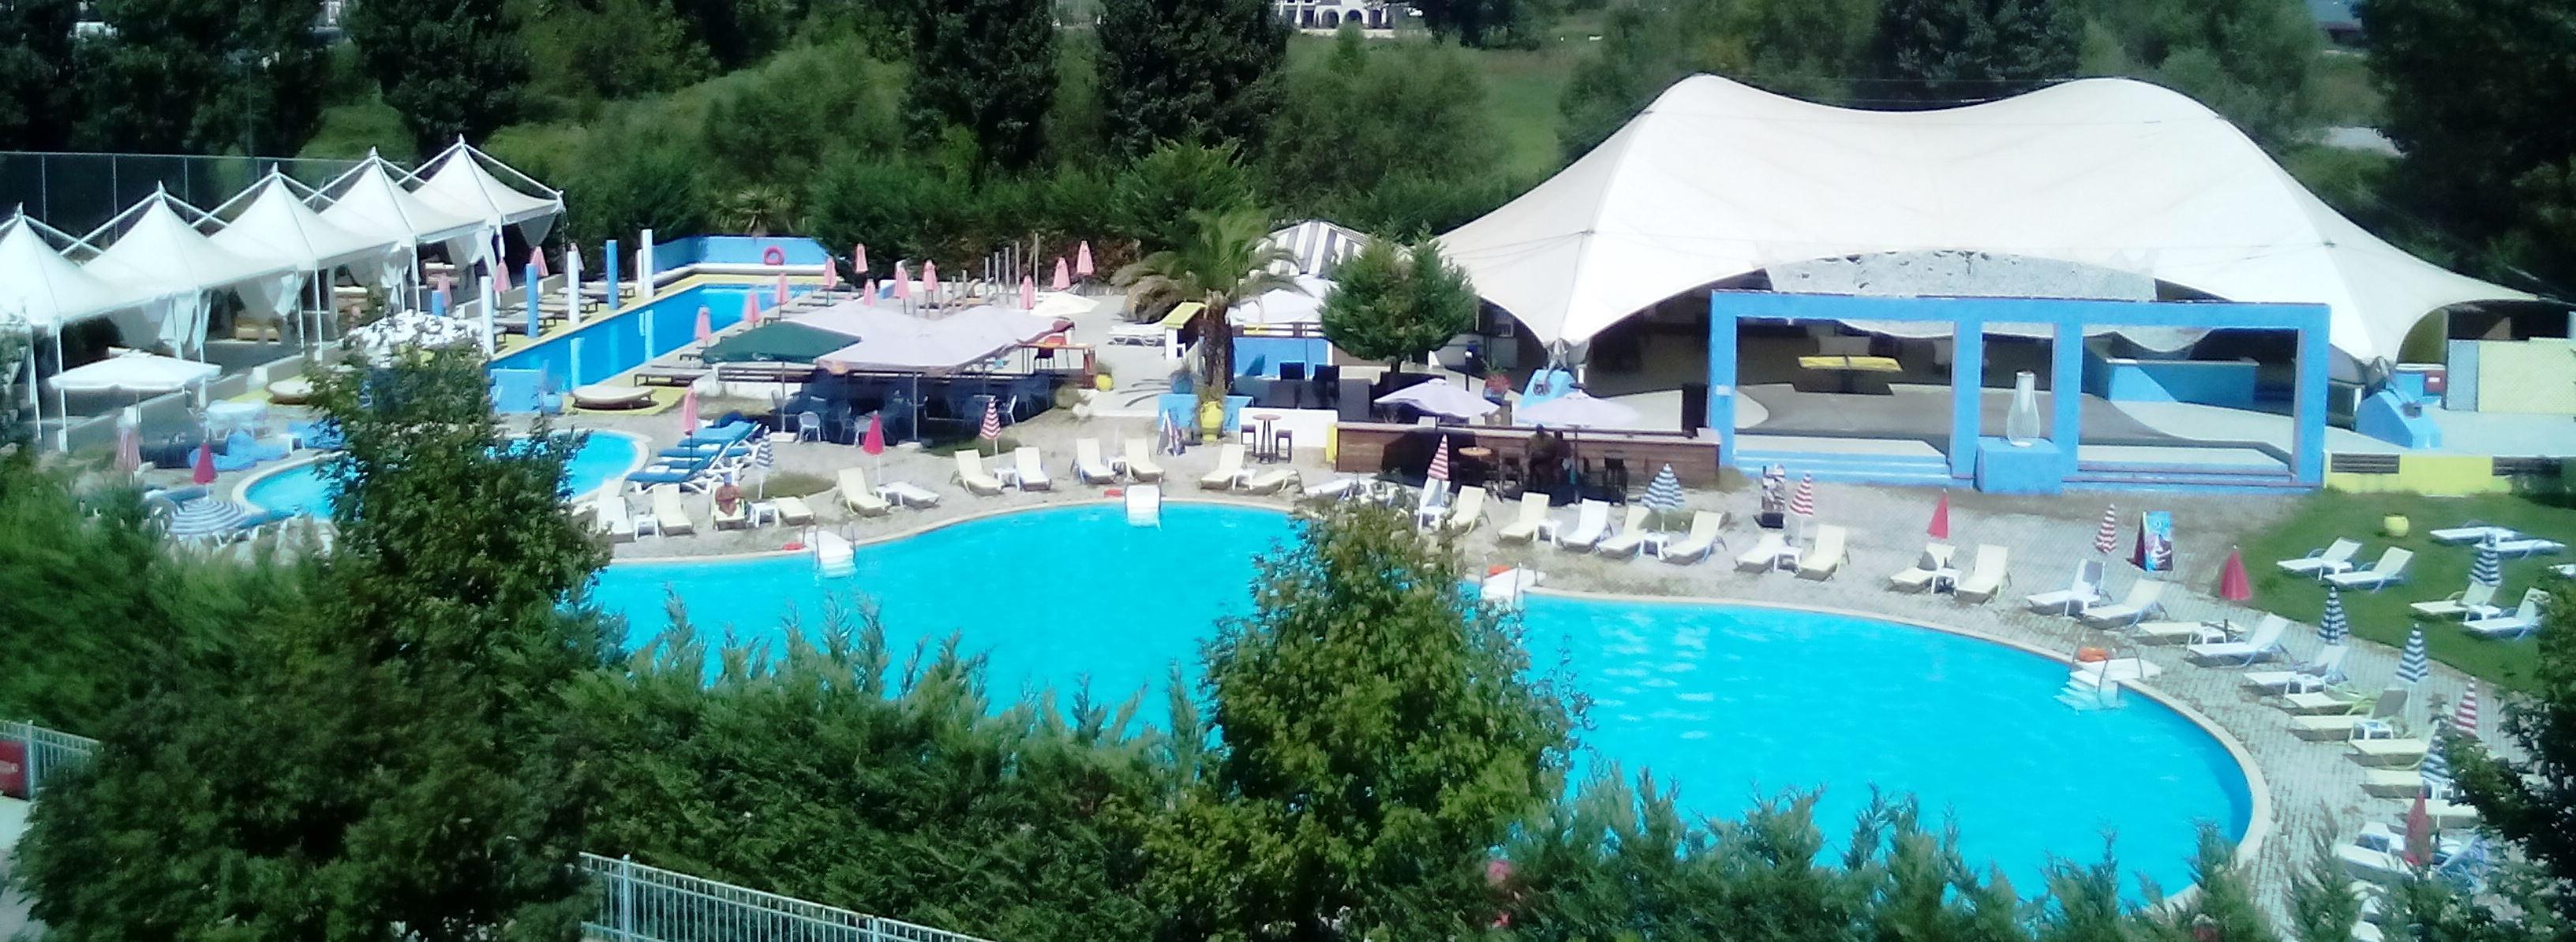 Ανάσα δροσιάς στο Resort Coffee Pool Bar!